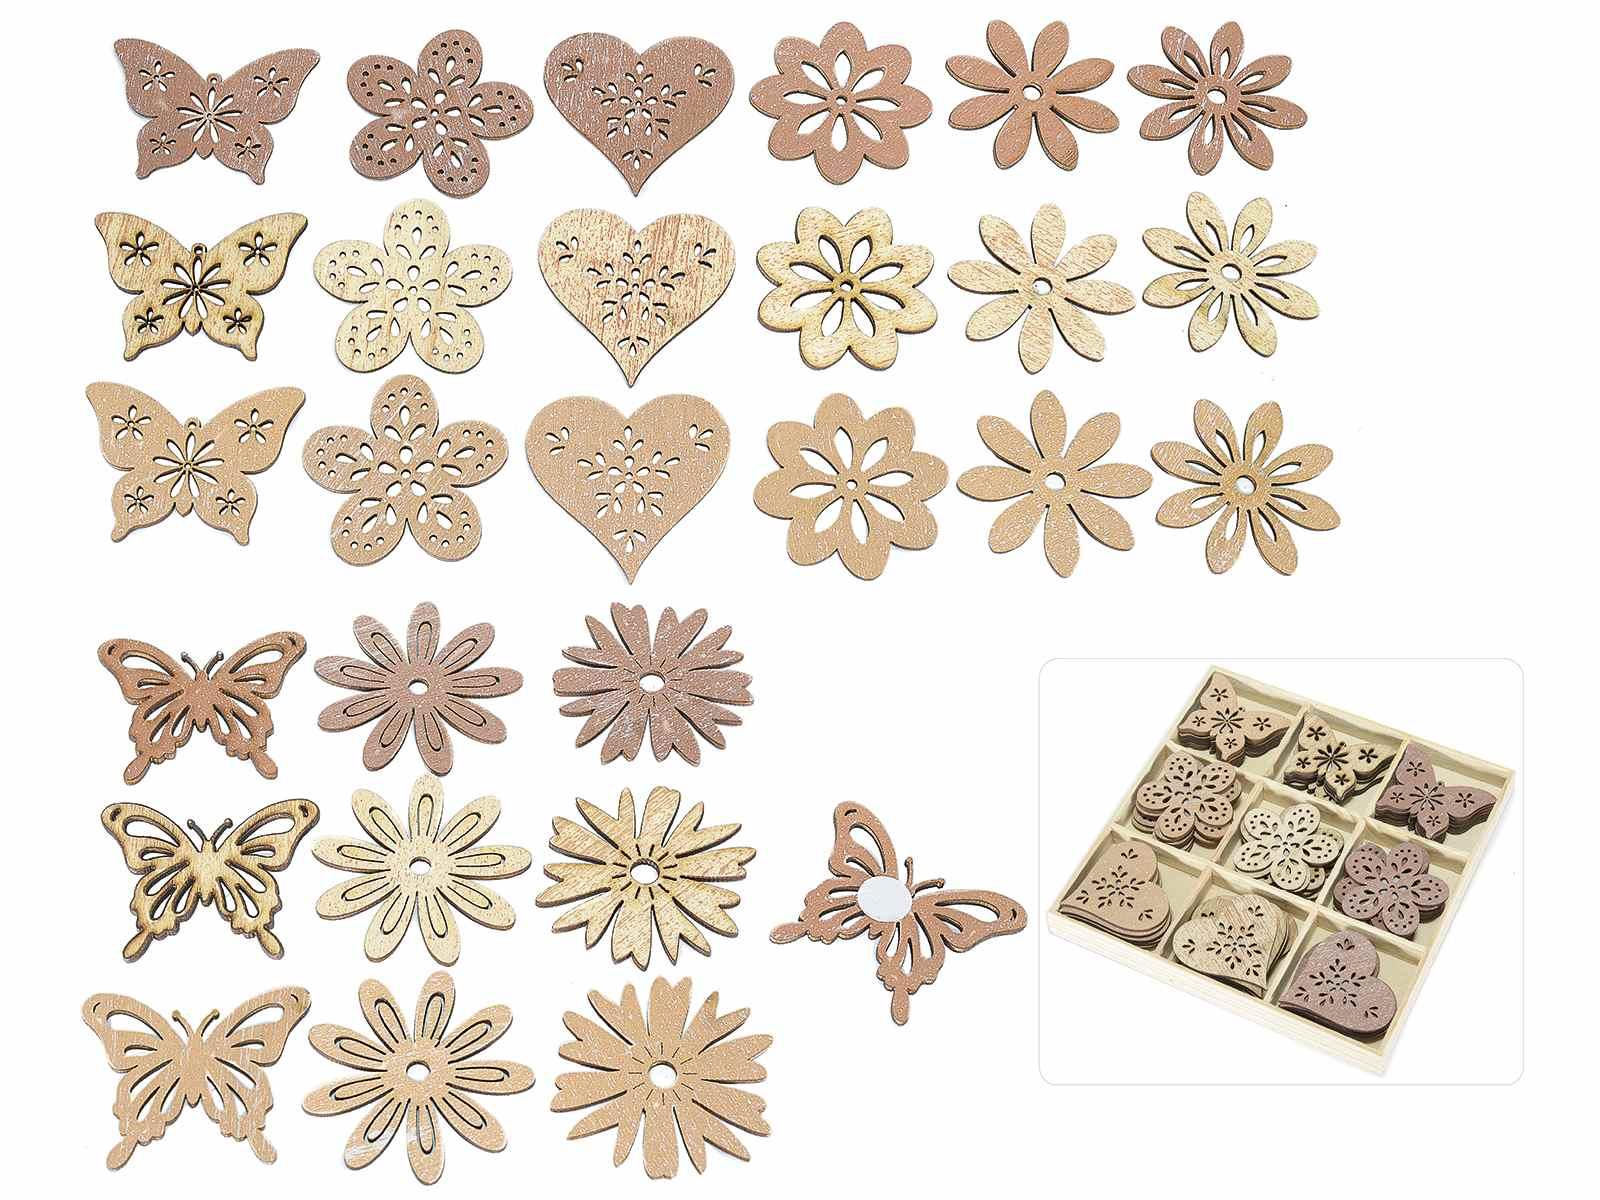 Scatola 36 decori in legno naturale con adesivo - Decorazioni natalizie in legno ...